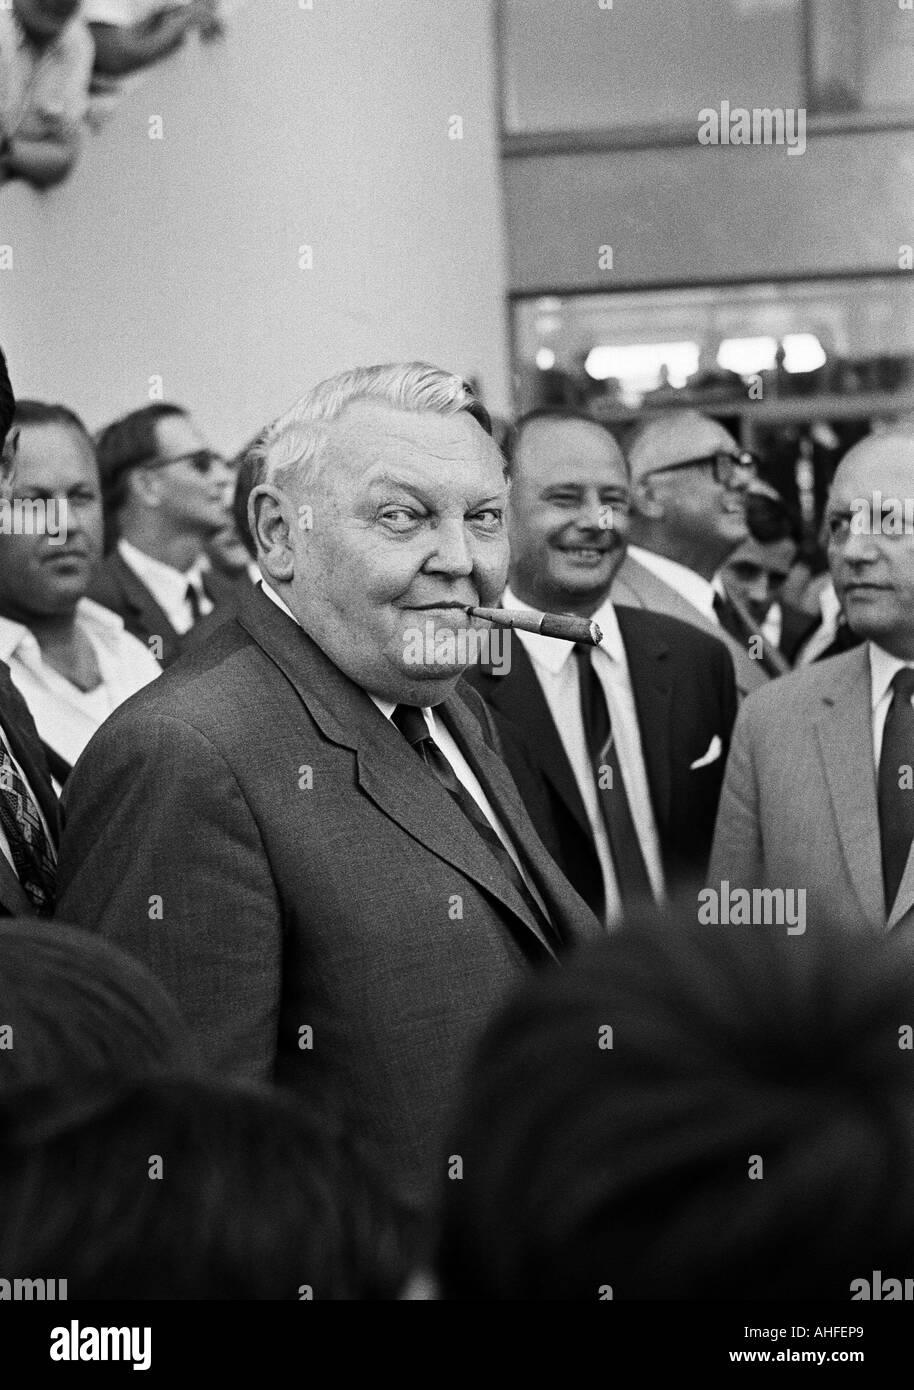 Football, Bundesliga, 1965-1966, Meidericher SV contre 1. FC Kaiserslautern 2:2, stade de Duisburg Wedau, visiteurs, spectateurs, guest celebrity, éminent visiteur Ludwig Erhard, Chancelier de la République fédérale d'Allemagne Banque D'Images